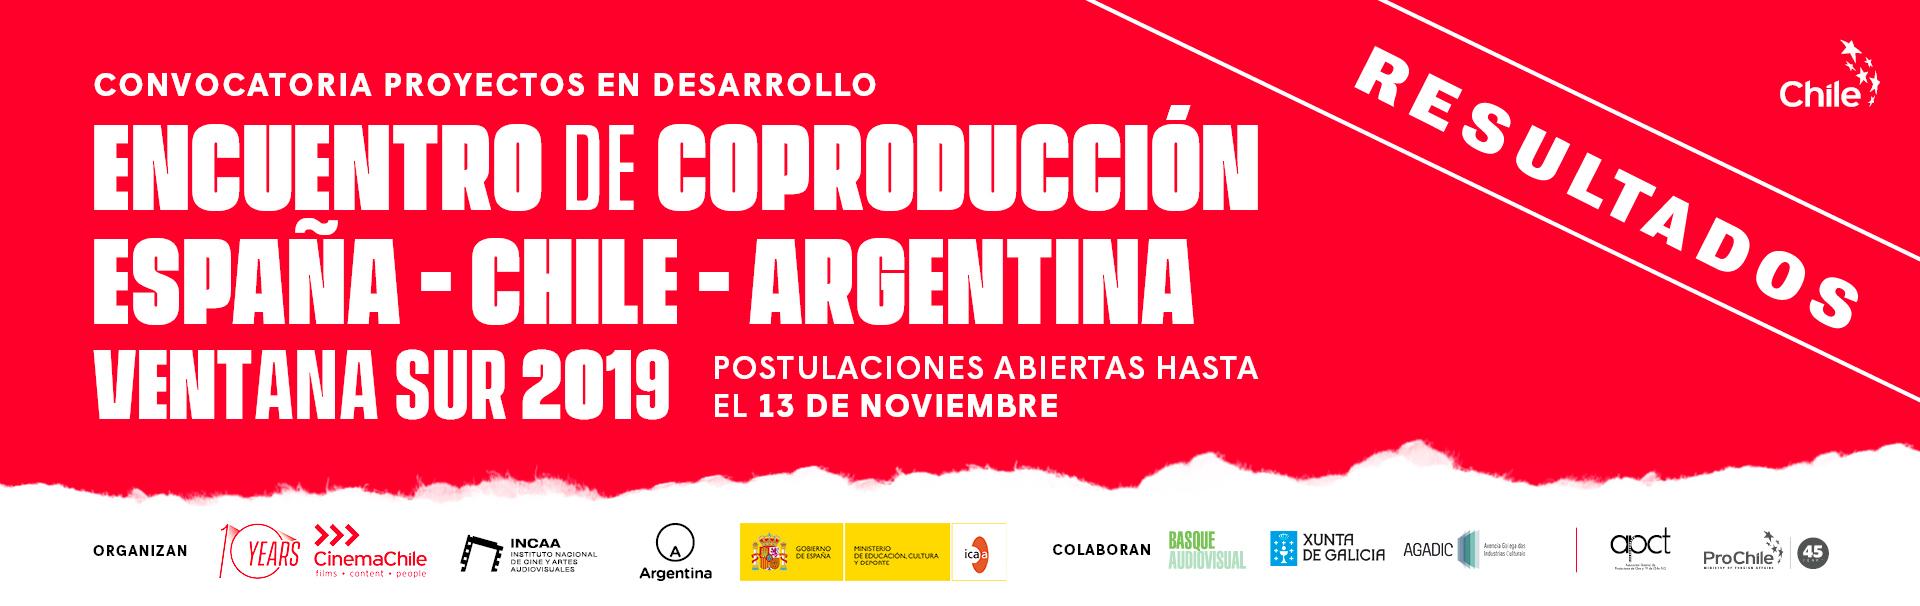 Cinco proyectos chilenos seleccionados para el Encuentro de Coproducción de España, Chile y Argentina en Ventana Sur 2019